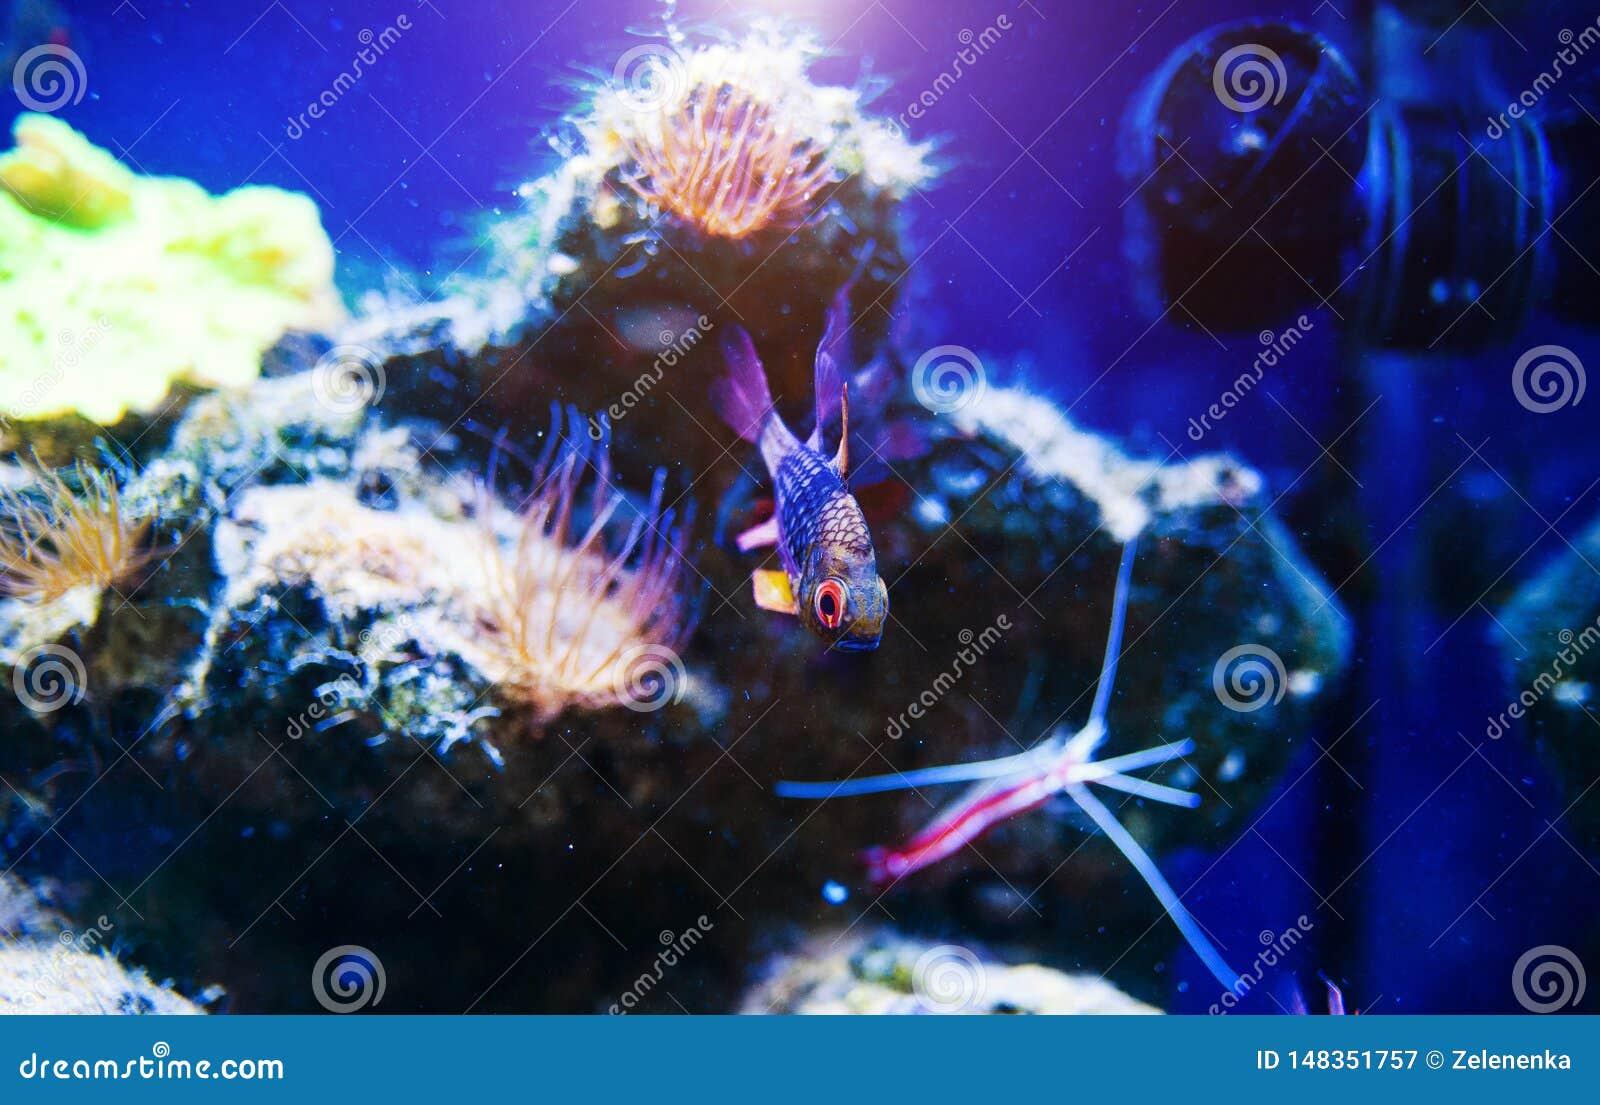 Wunderbare und sch?ne Unterwasserwelt mit Korallen und tropischen Fischen